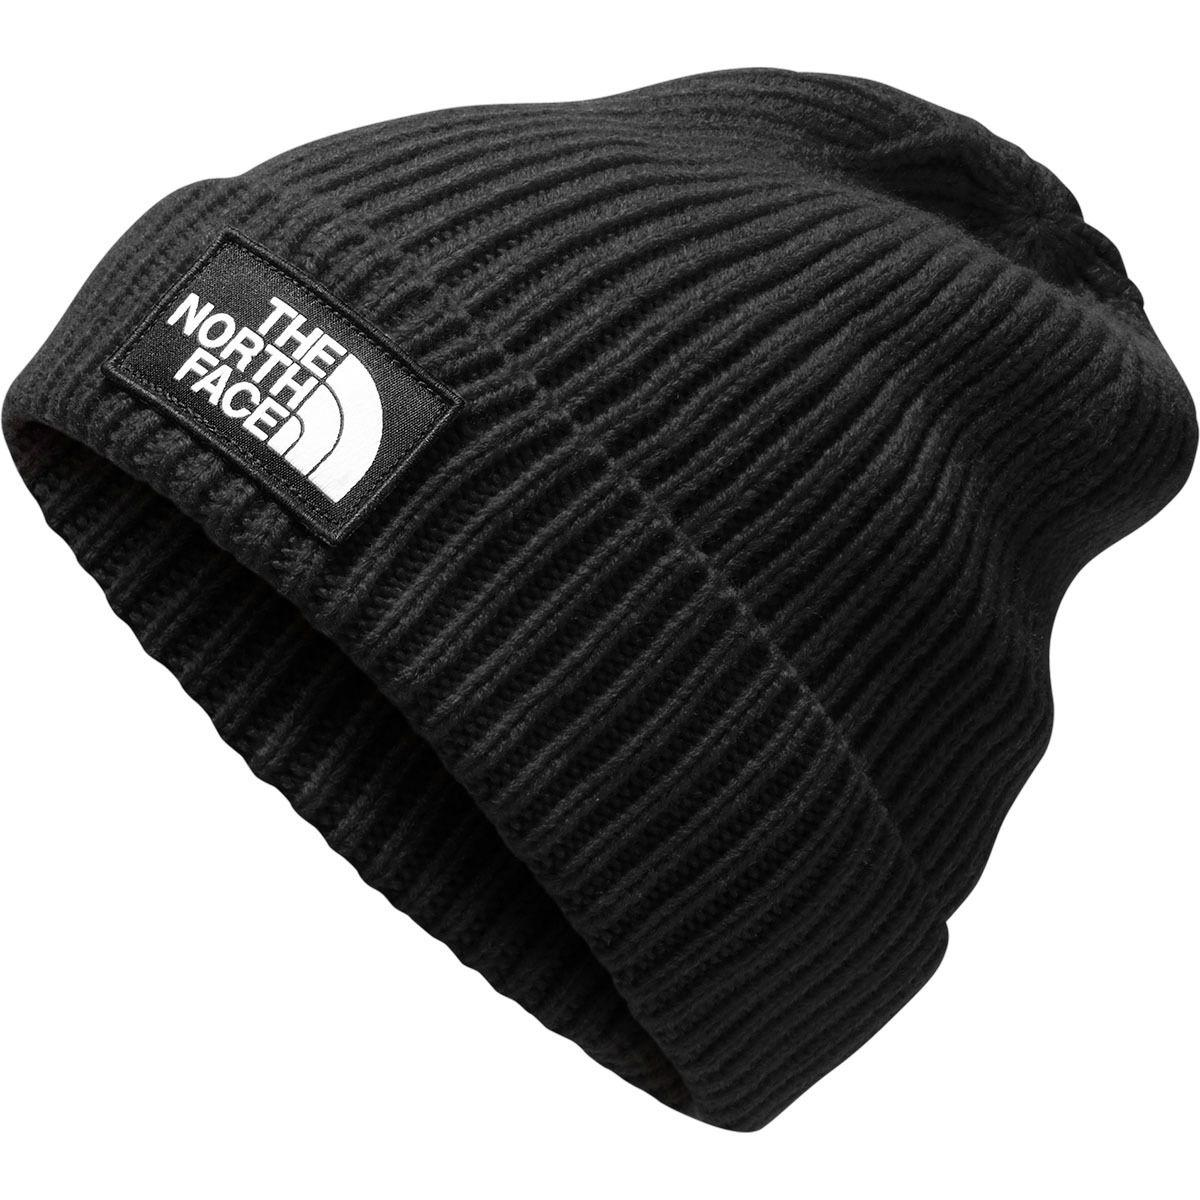 0ae9426b9 Men's Black Logo Box Cuffed Beanie